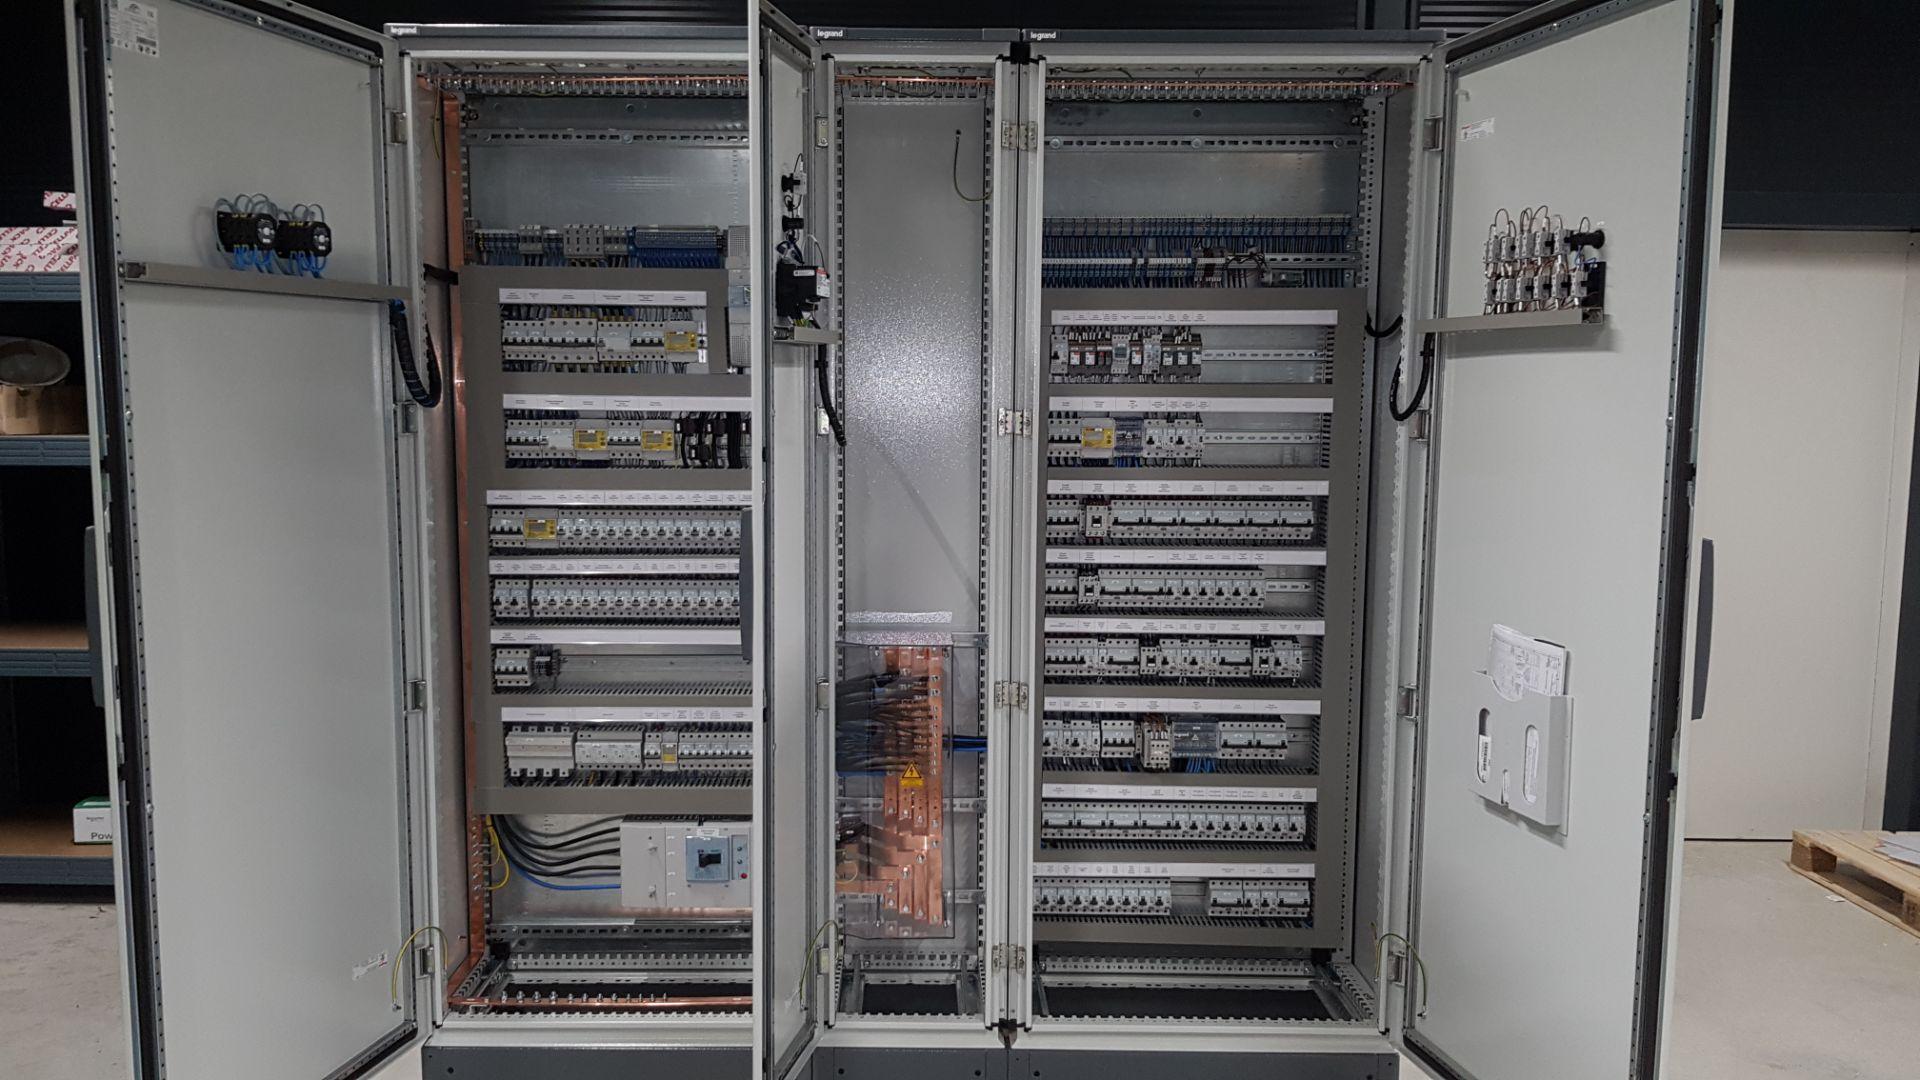 Tablouri electrice și automatizări 20191127 165213